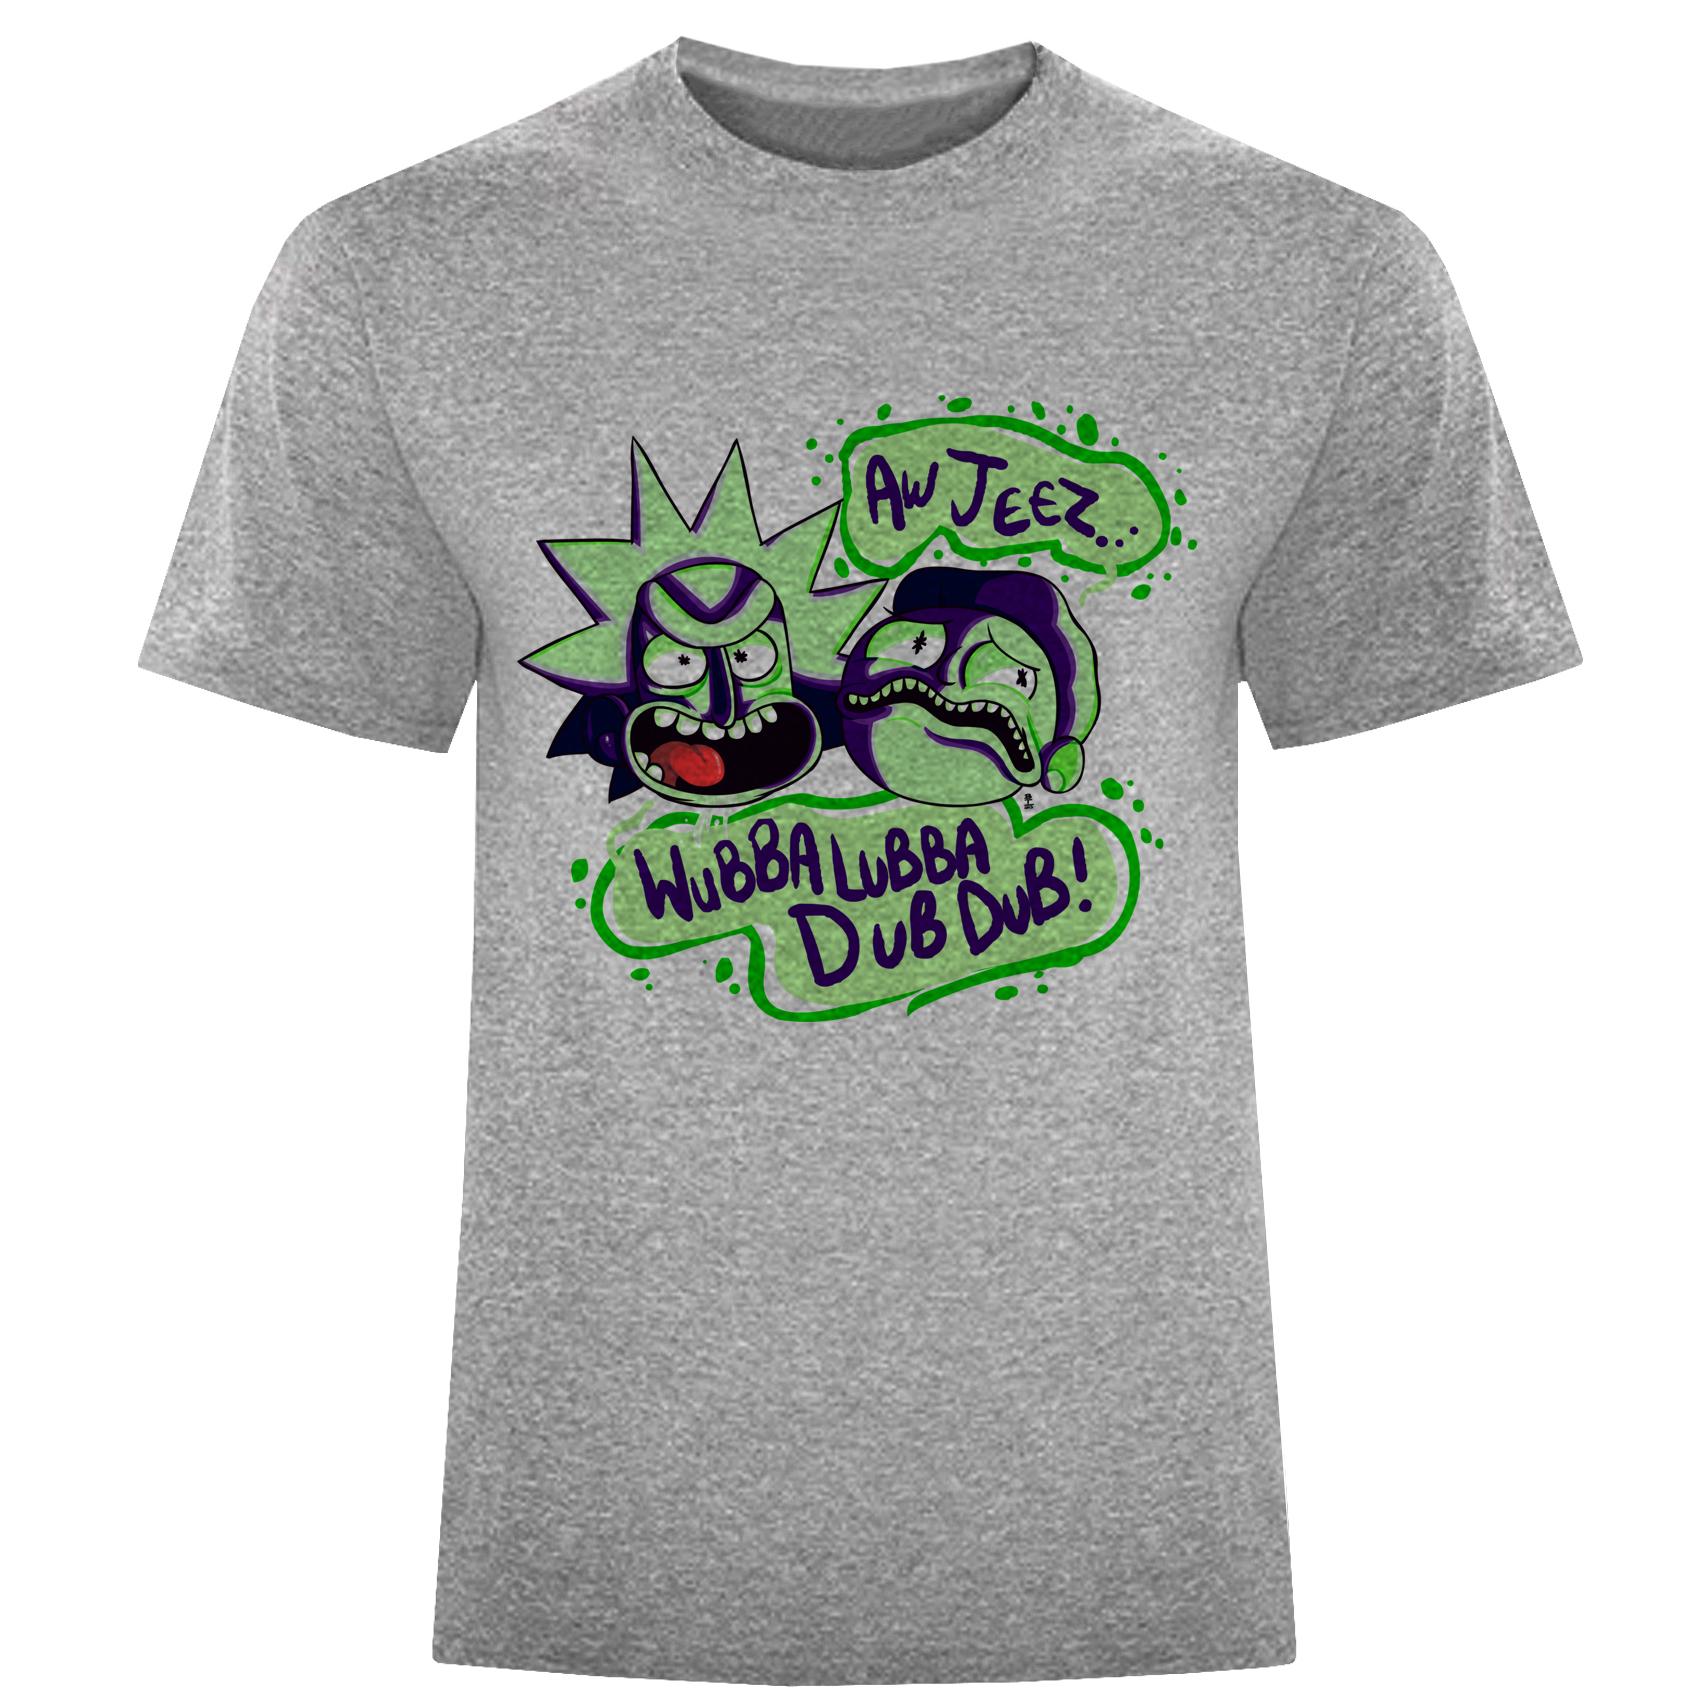 تی شرت مردانه طرح Rick and Morty کد S206